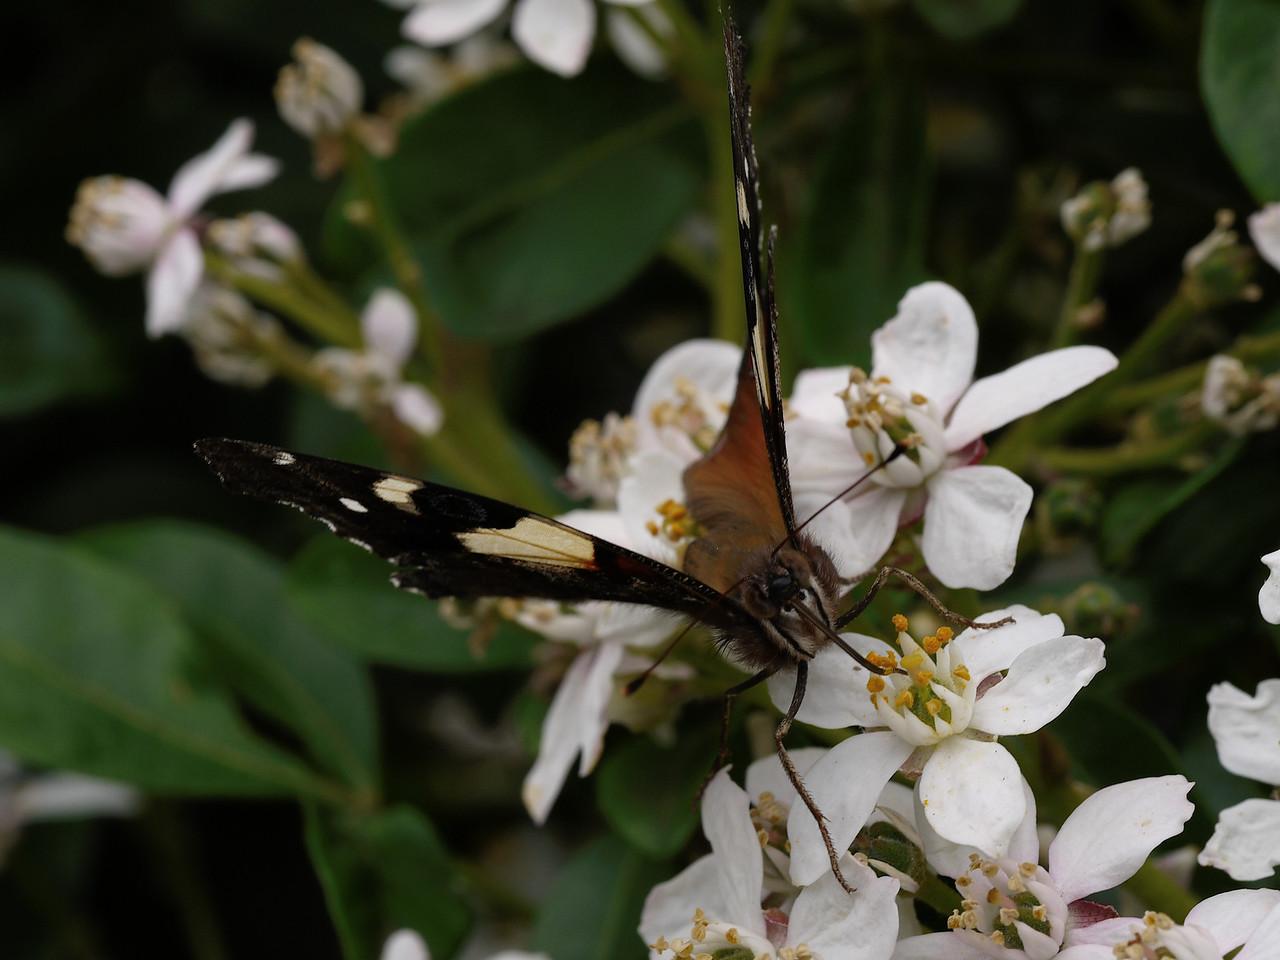 20130924_1118_0405 butterfly